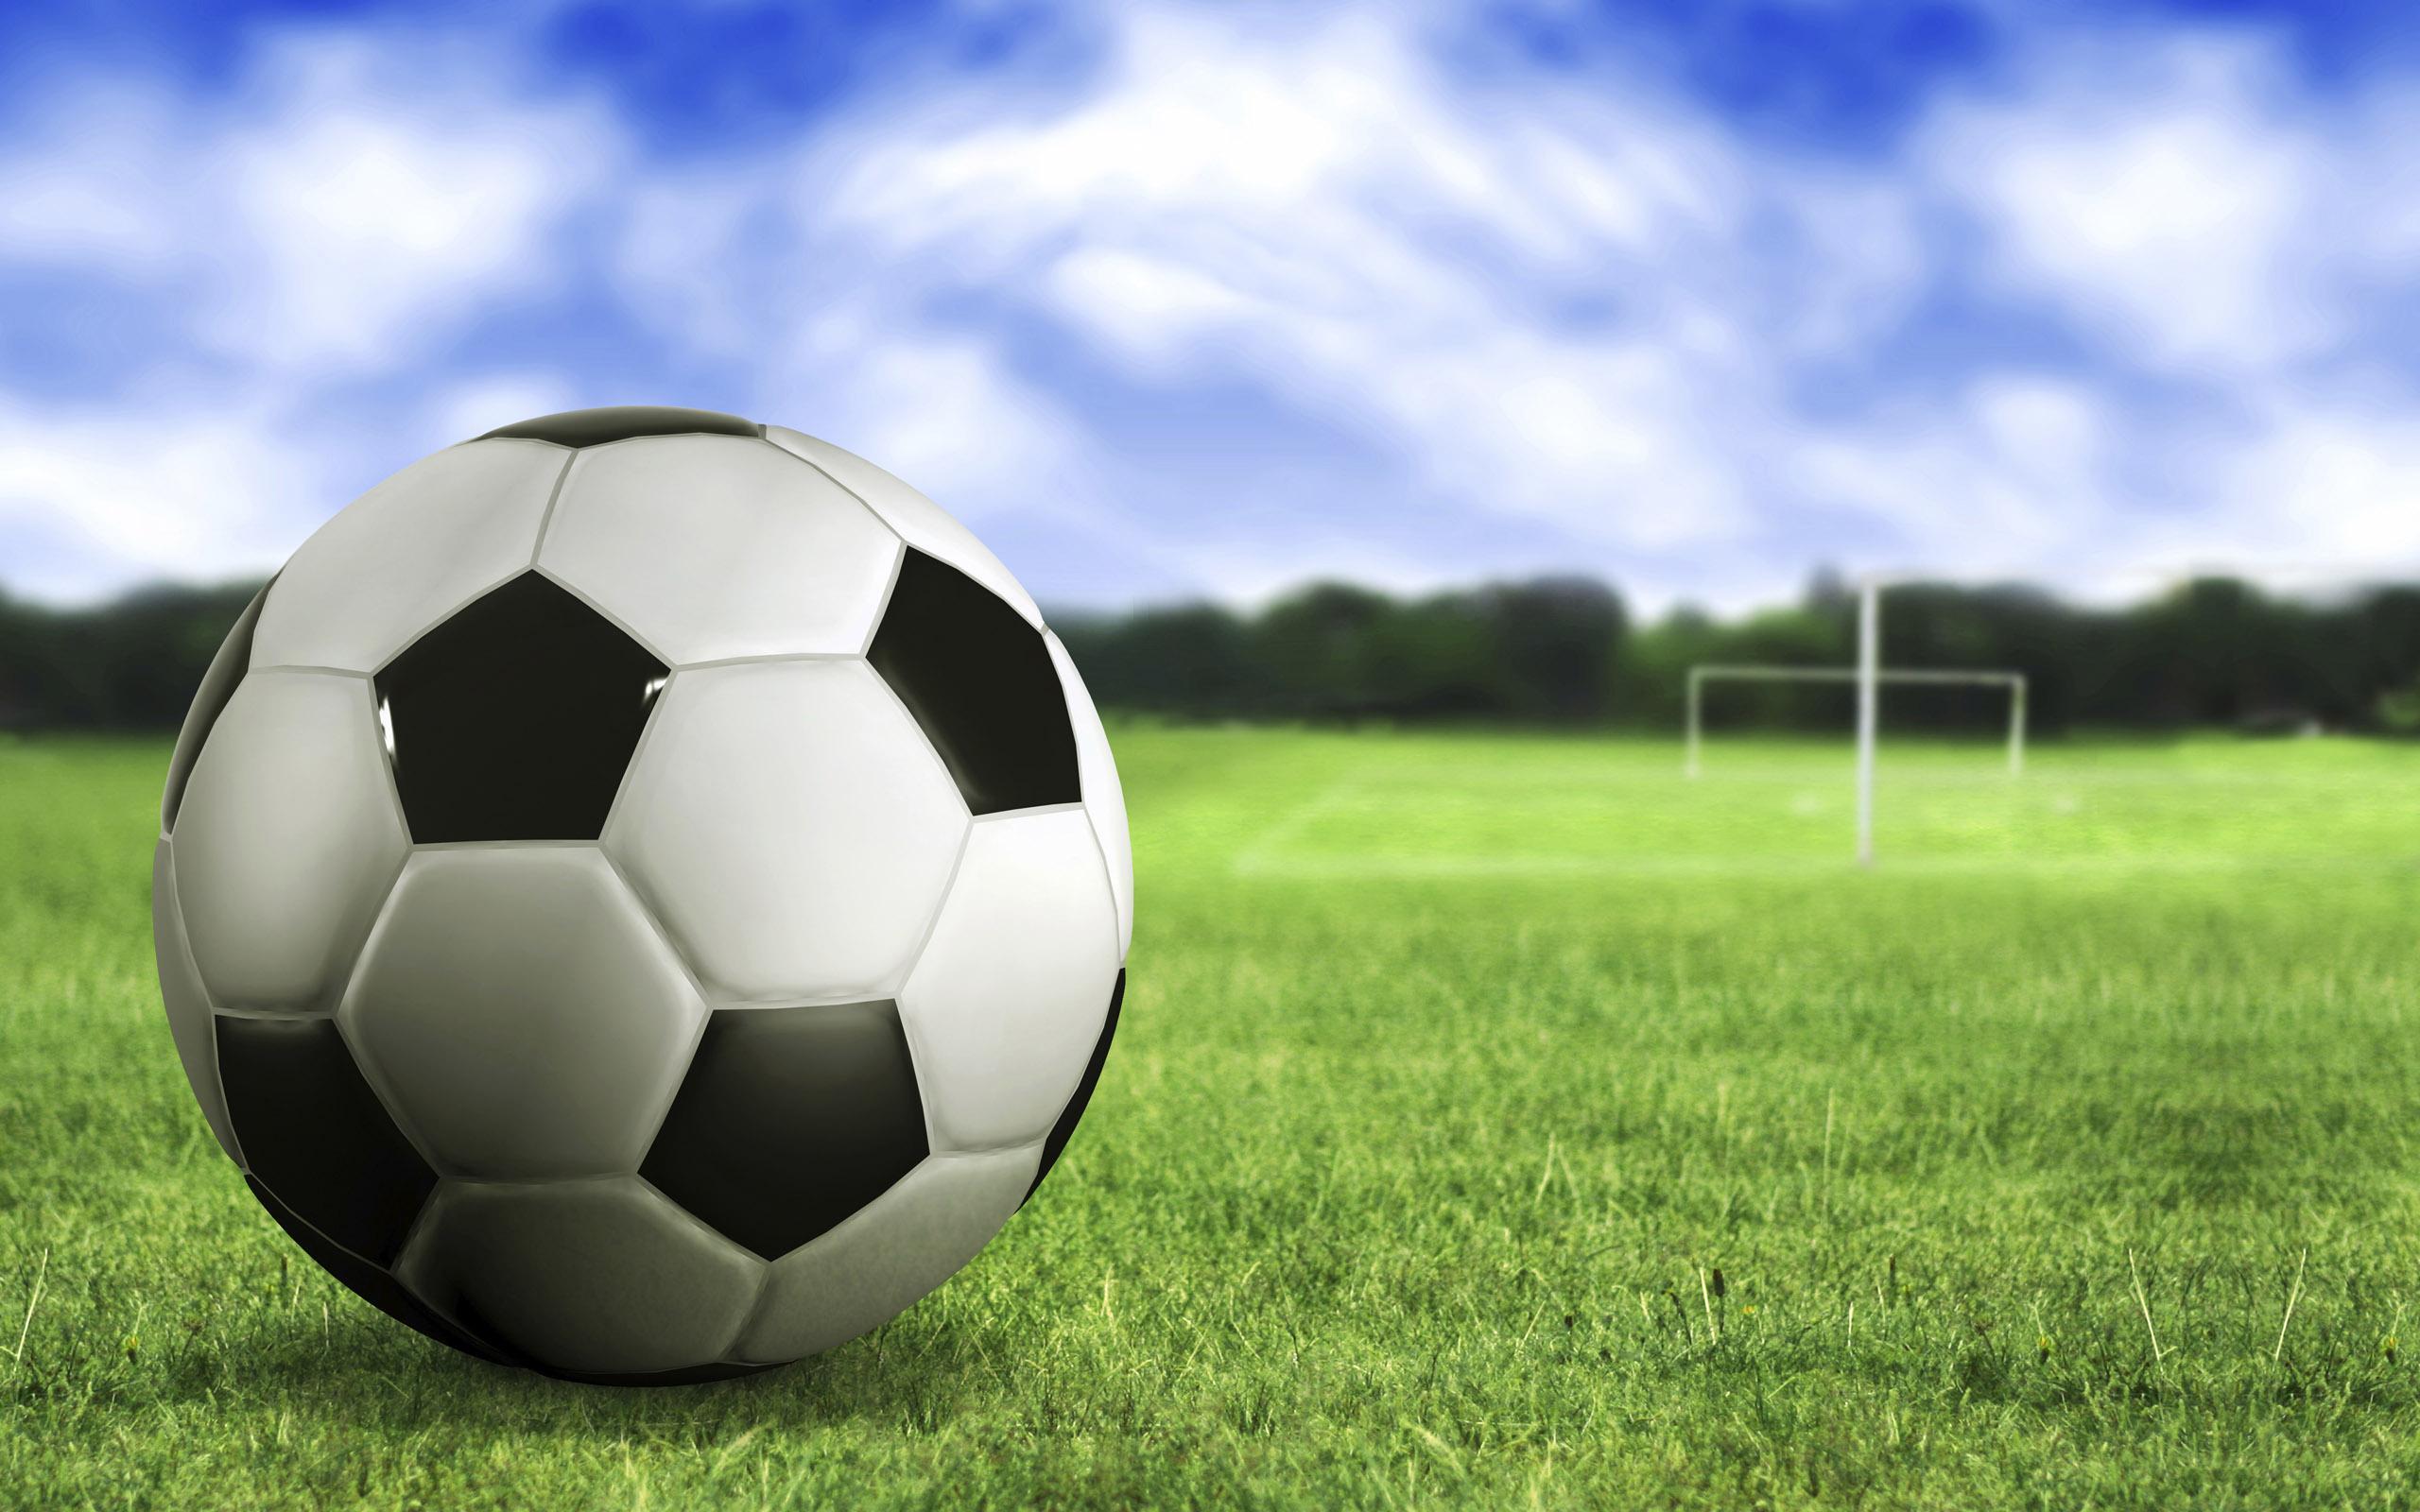 По решению апелляционного комитета ФК«Нафтан» отказали в выдаче лицензии